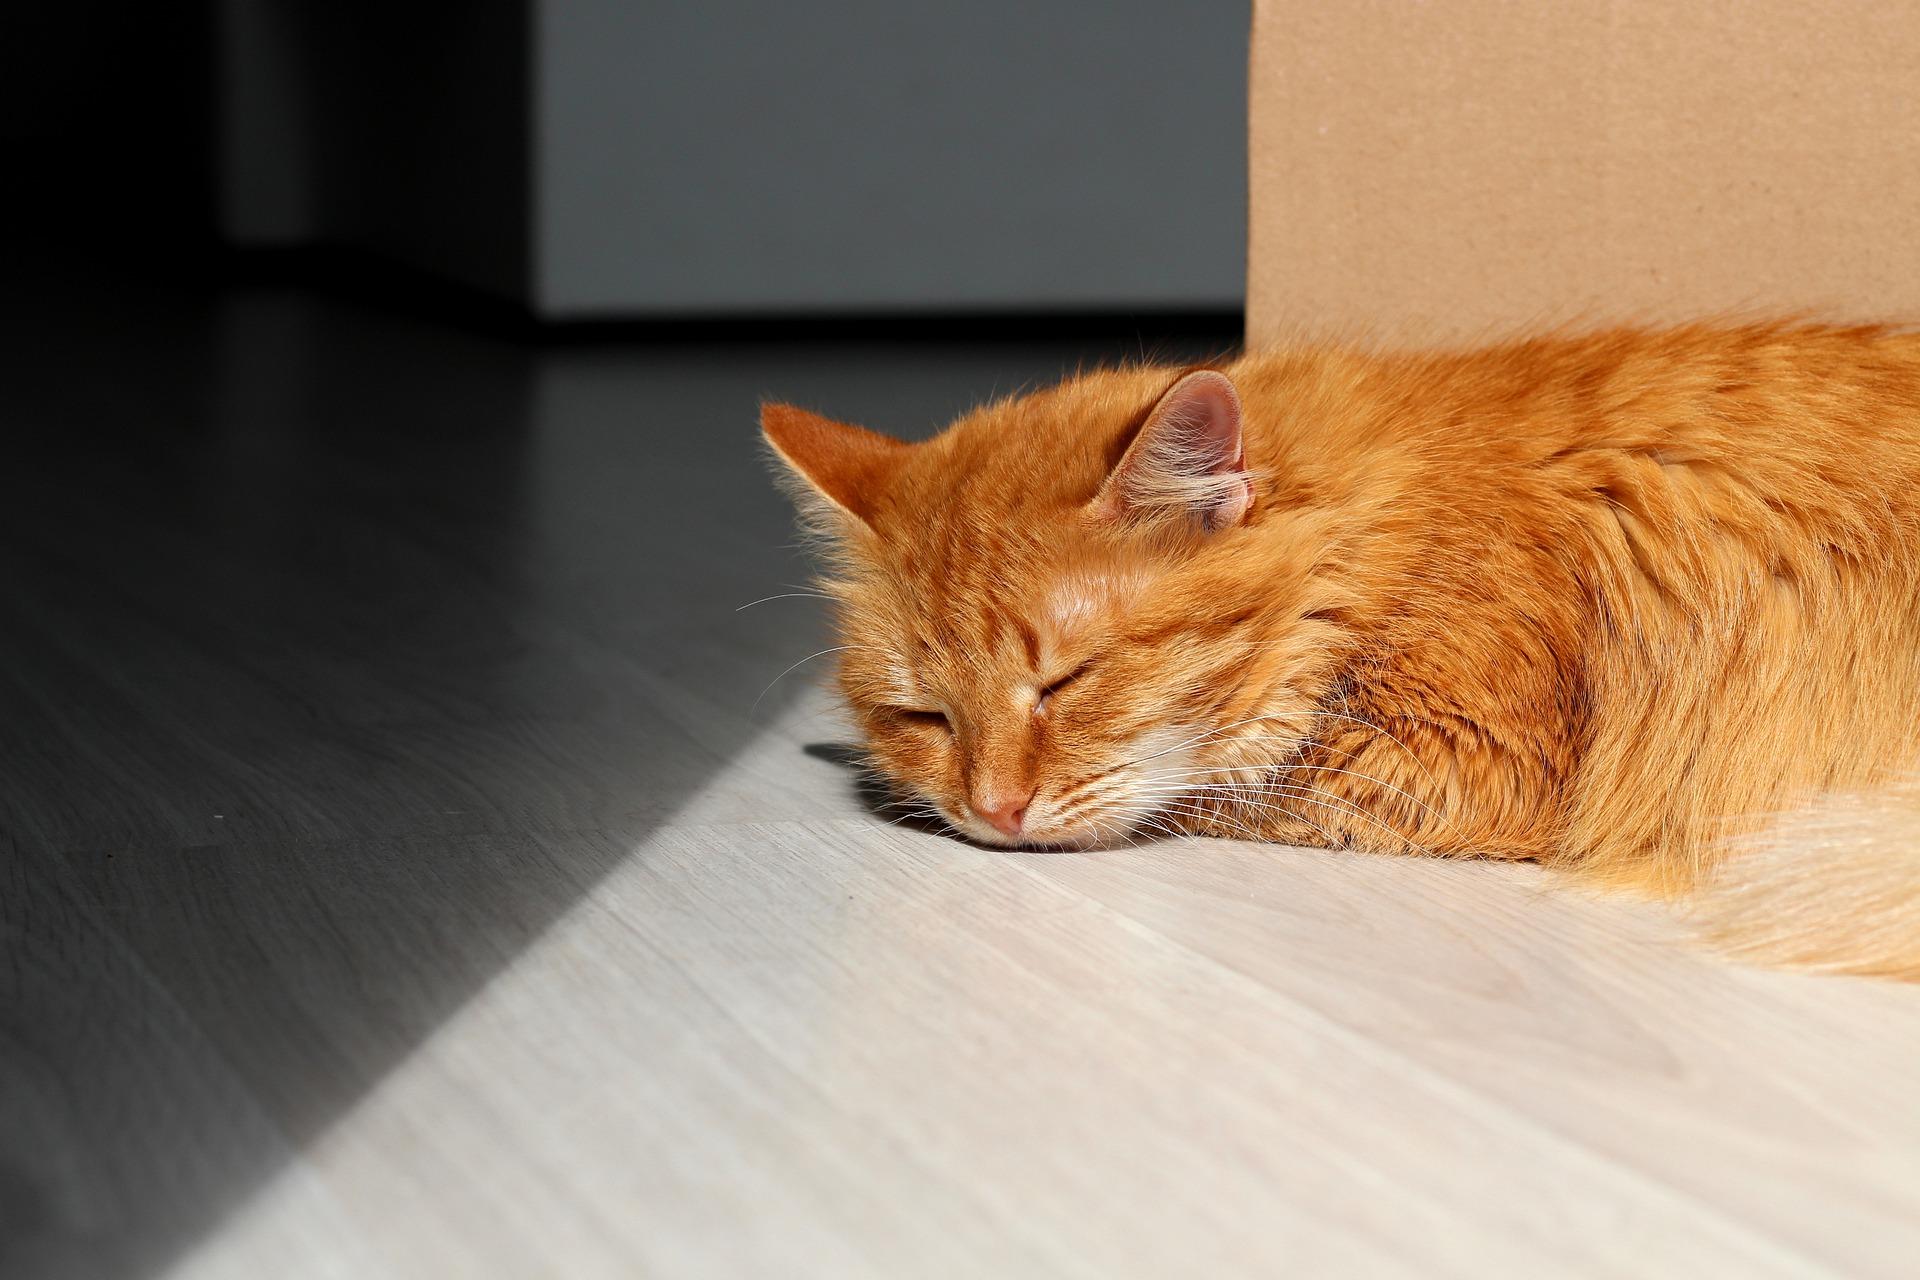 Dlaczego kot zamiast się cieszyć z Twojego powrotu, stał się smutny i obojętny? Już tłumaczymy to zachowanie kotów.